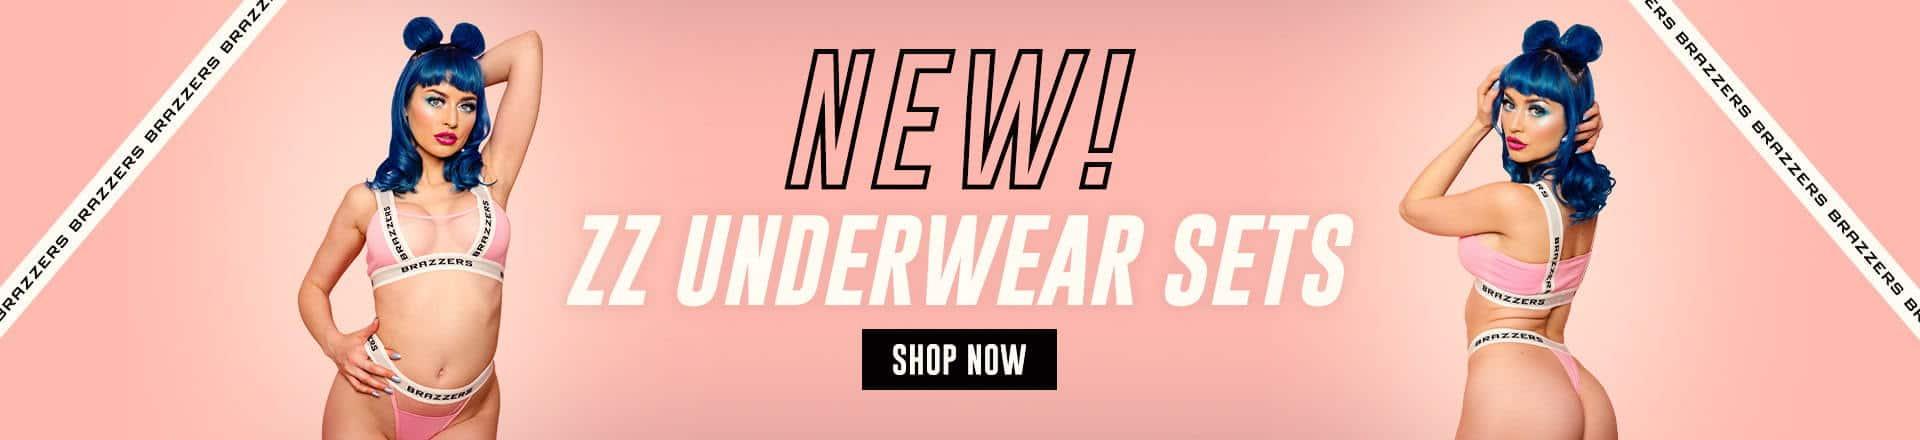 ZZS-Jewelz-Blue-underwear-banner_storebanner_pc_1920x440